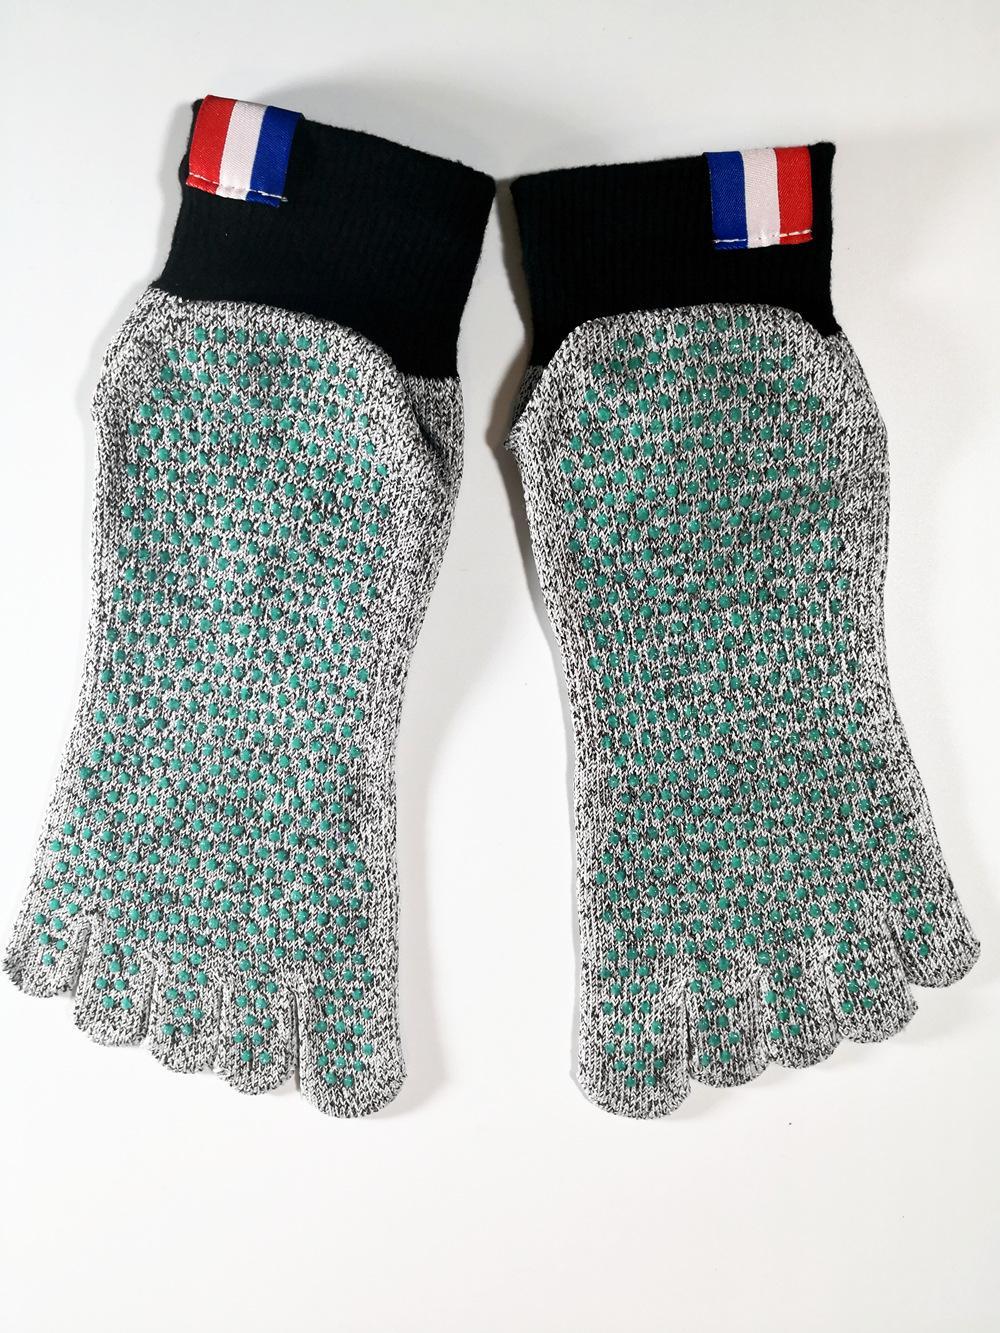 HPPE Коротких носков Пляжа Дайвинг носки Покрытие Погружение МОРСКИЕ Плавание Йог 5 Toe Cut Устойчивые носки высокого качество